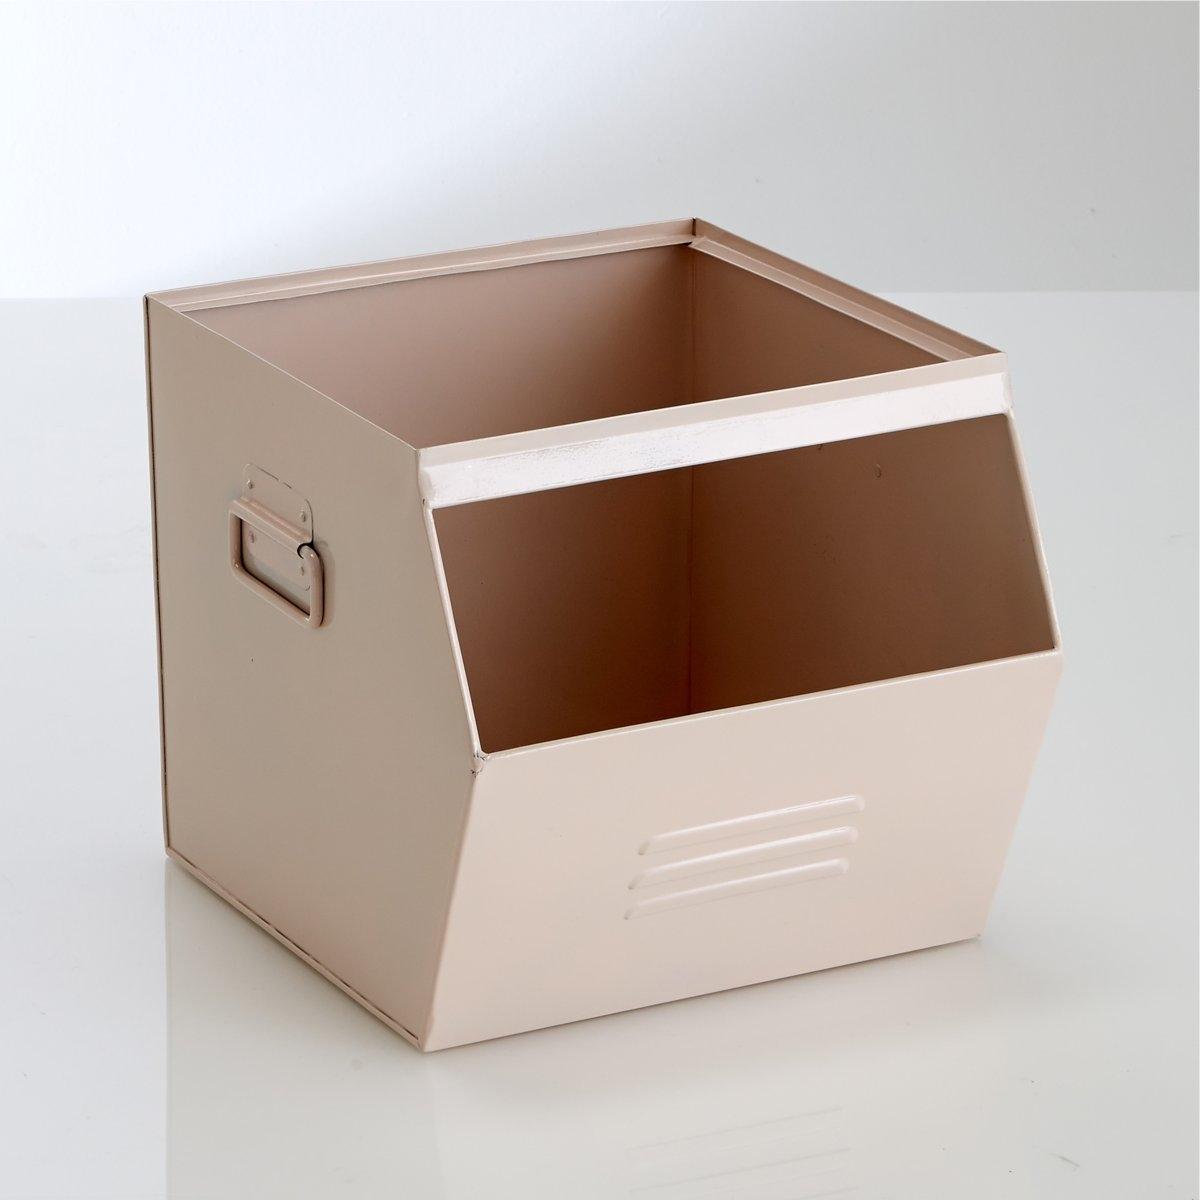 Ящик из гальванизированного металла, Hiba от La Redoute